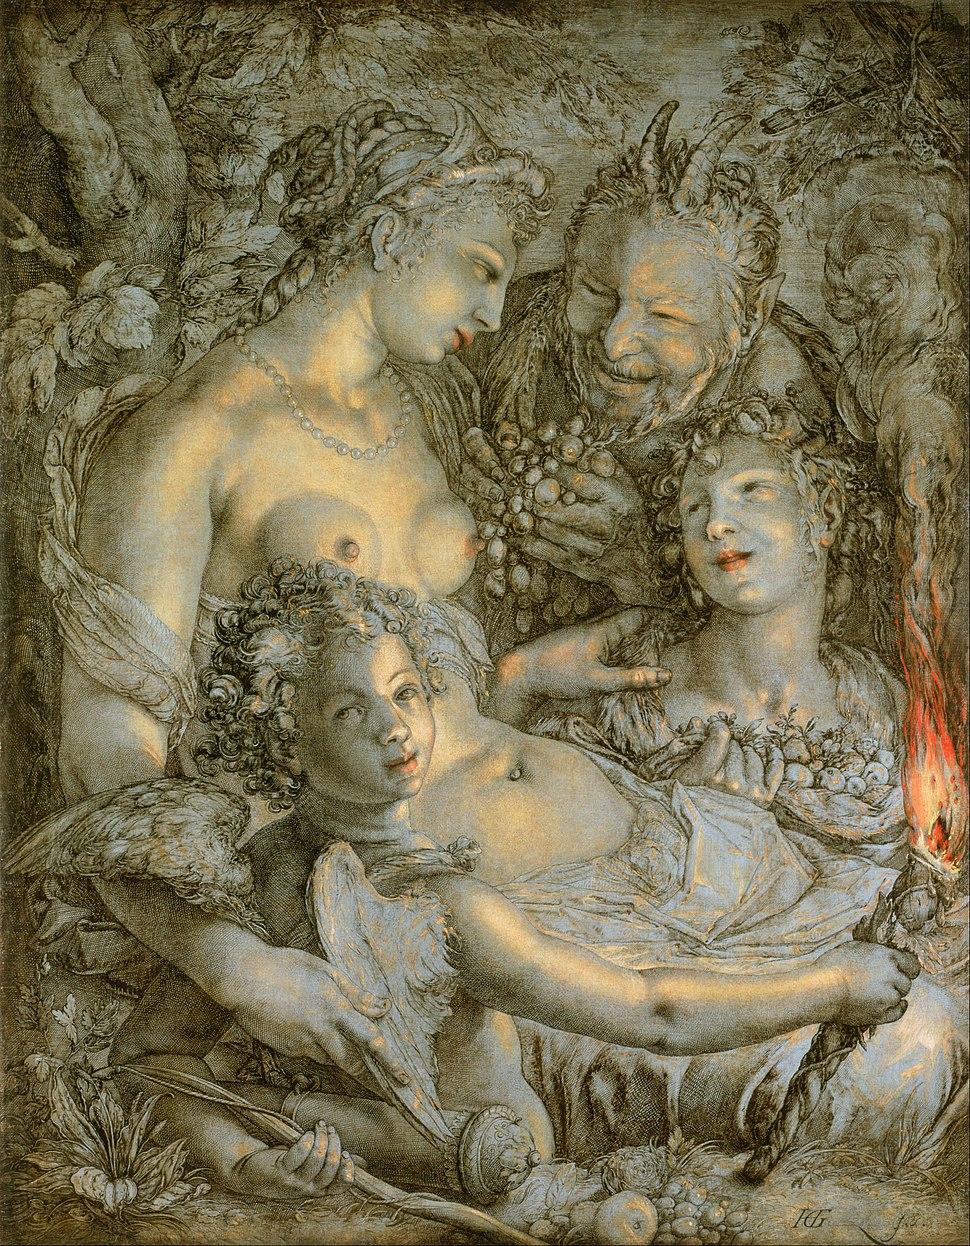 Hendrick Goltzius, Dutch (active Haarlem) - Sine Cerere et Libero friget Venus (Without Ceres and Bacchus, Venus Would Freeze) - Google Art Project